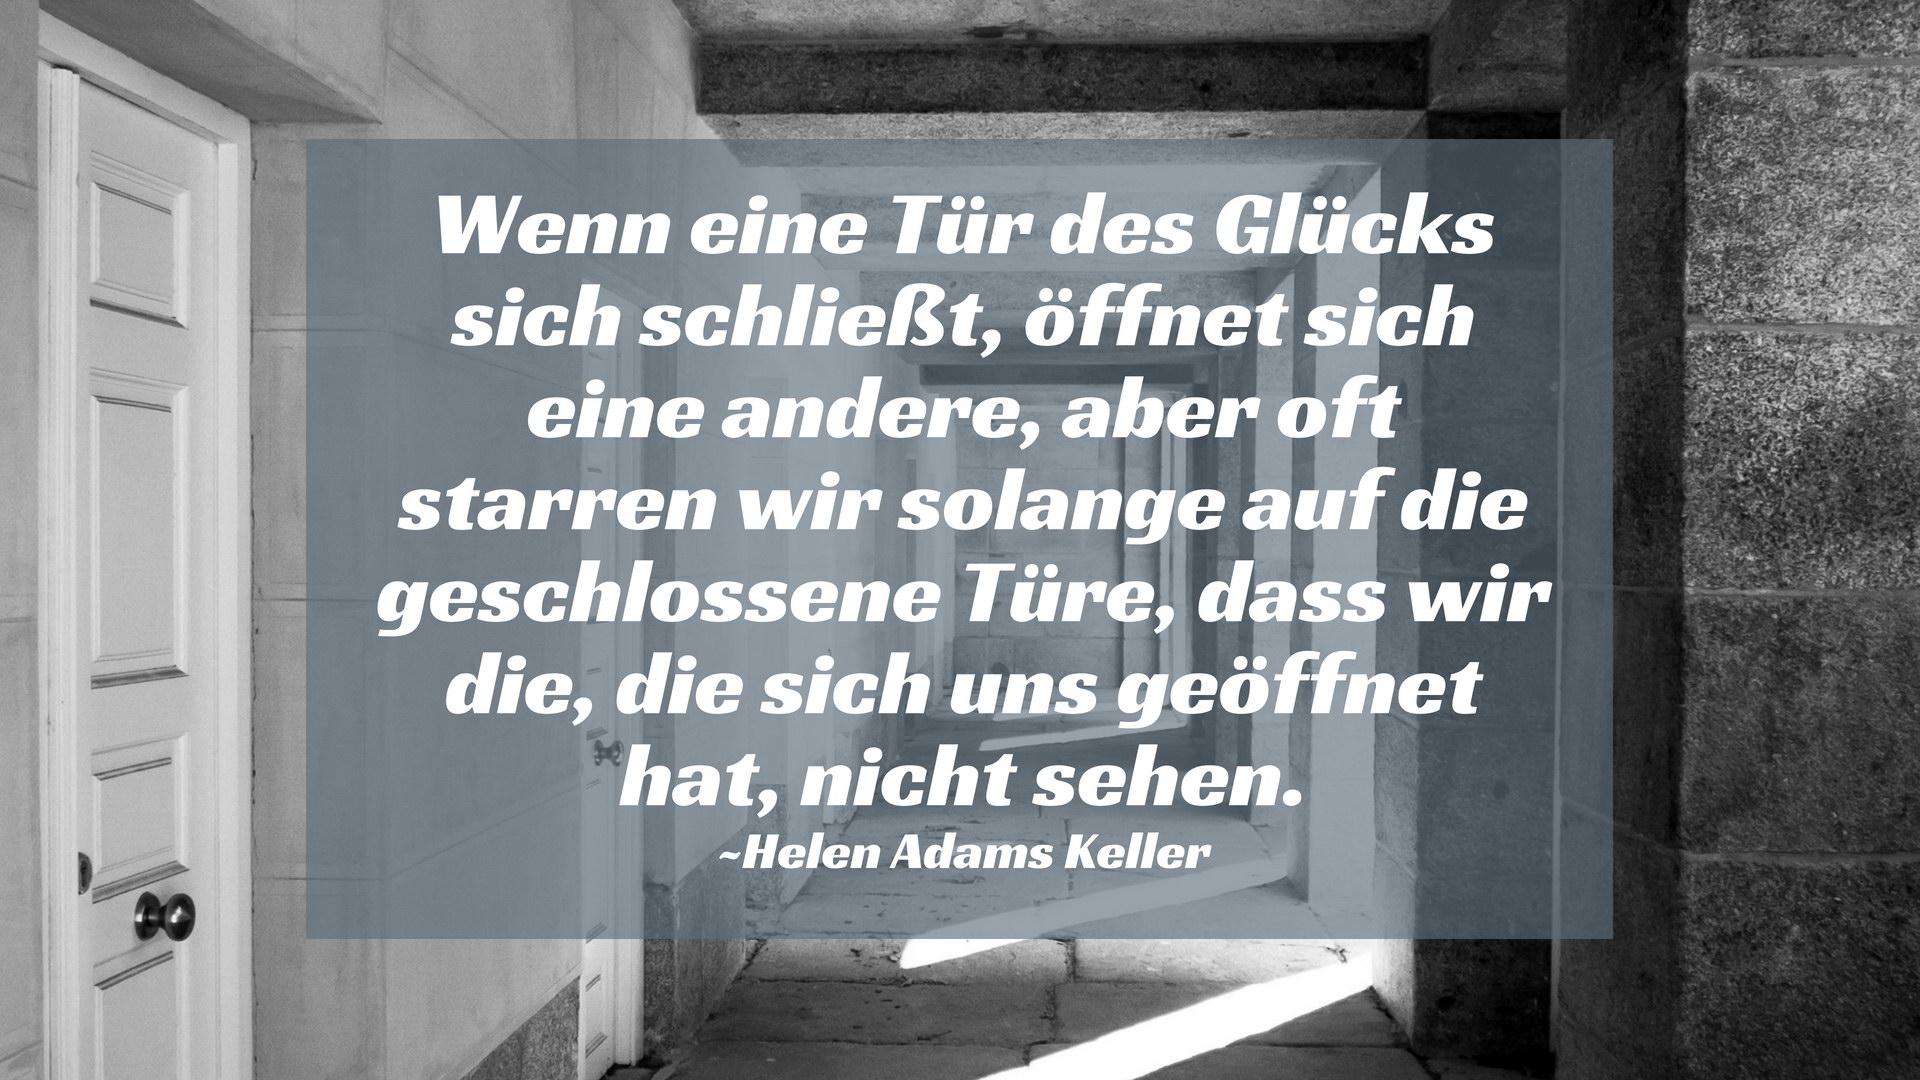 Zitat von Helen Adams Keller